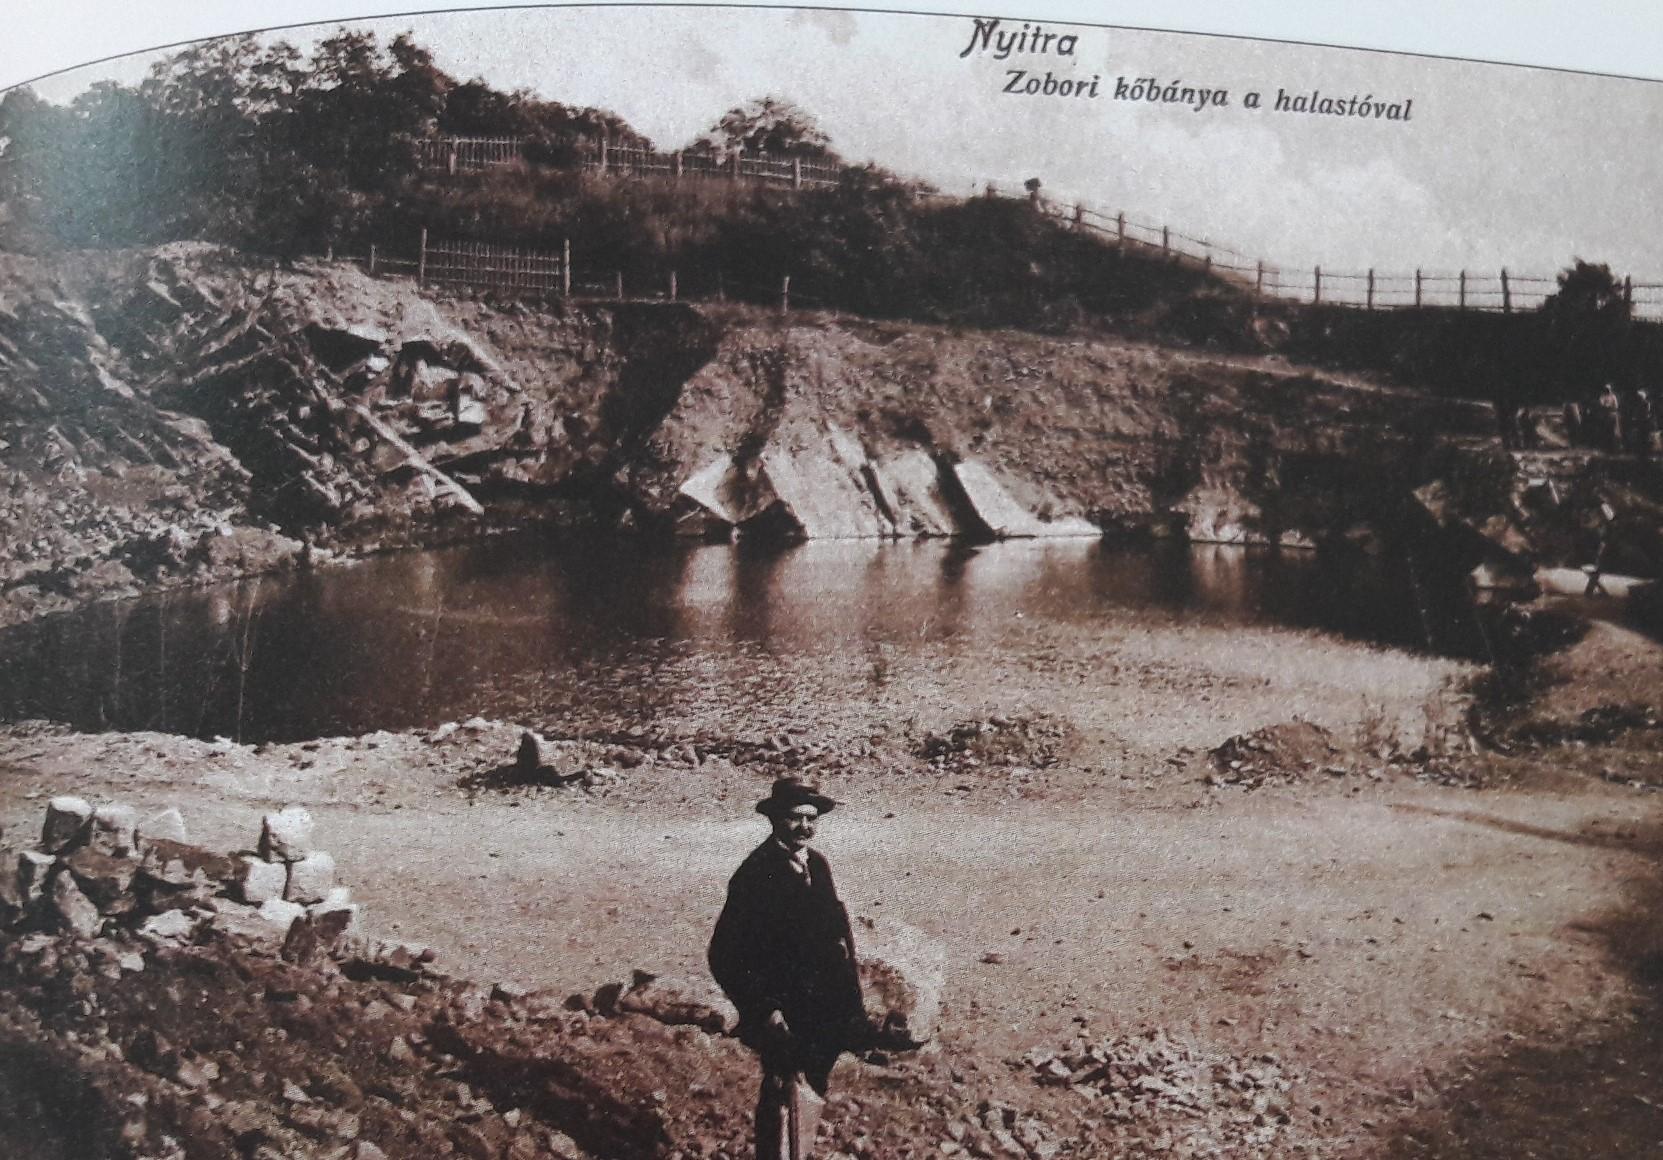 Zoborský_kameňolom_s_rybníkom_okolo_roku_1908